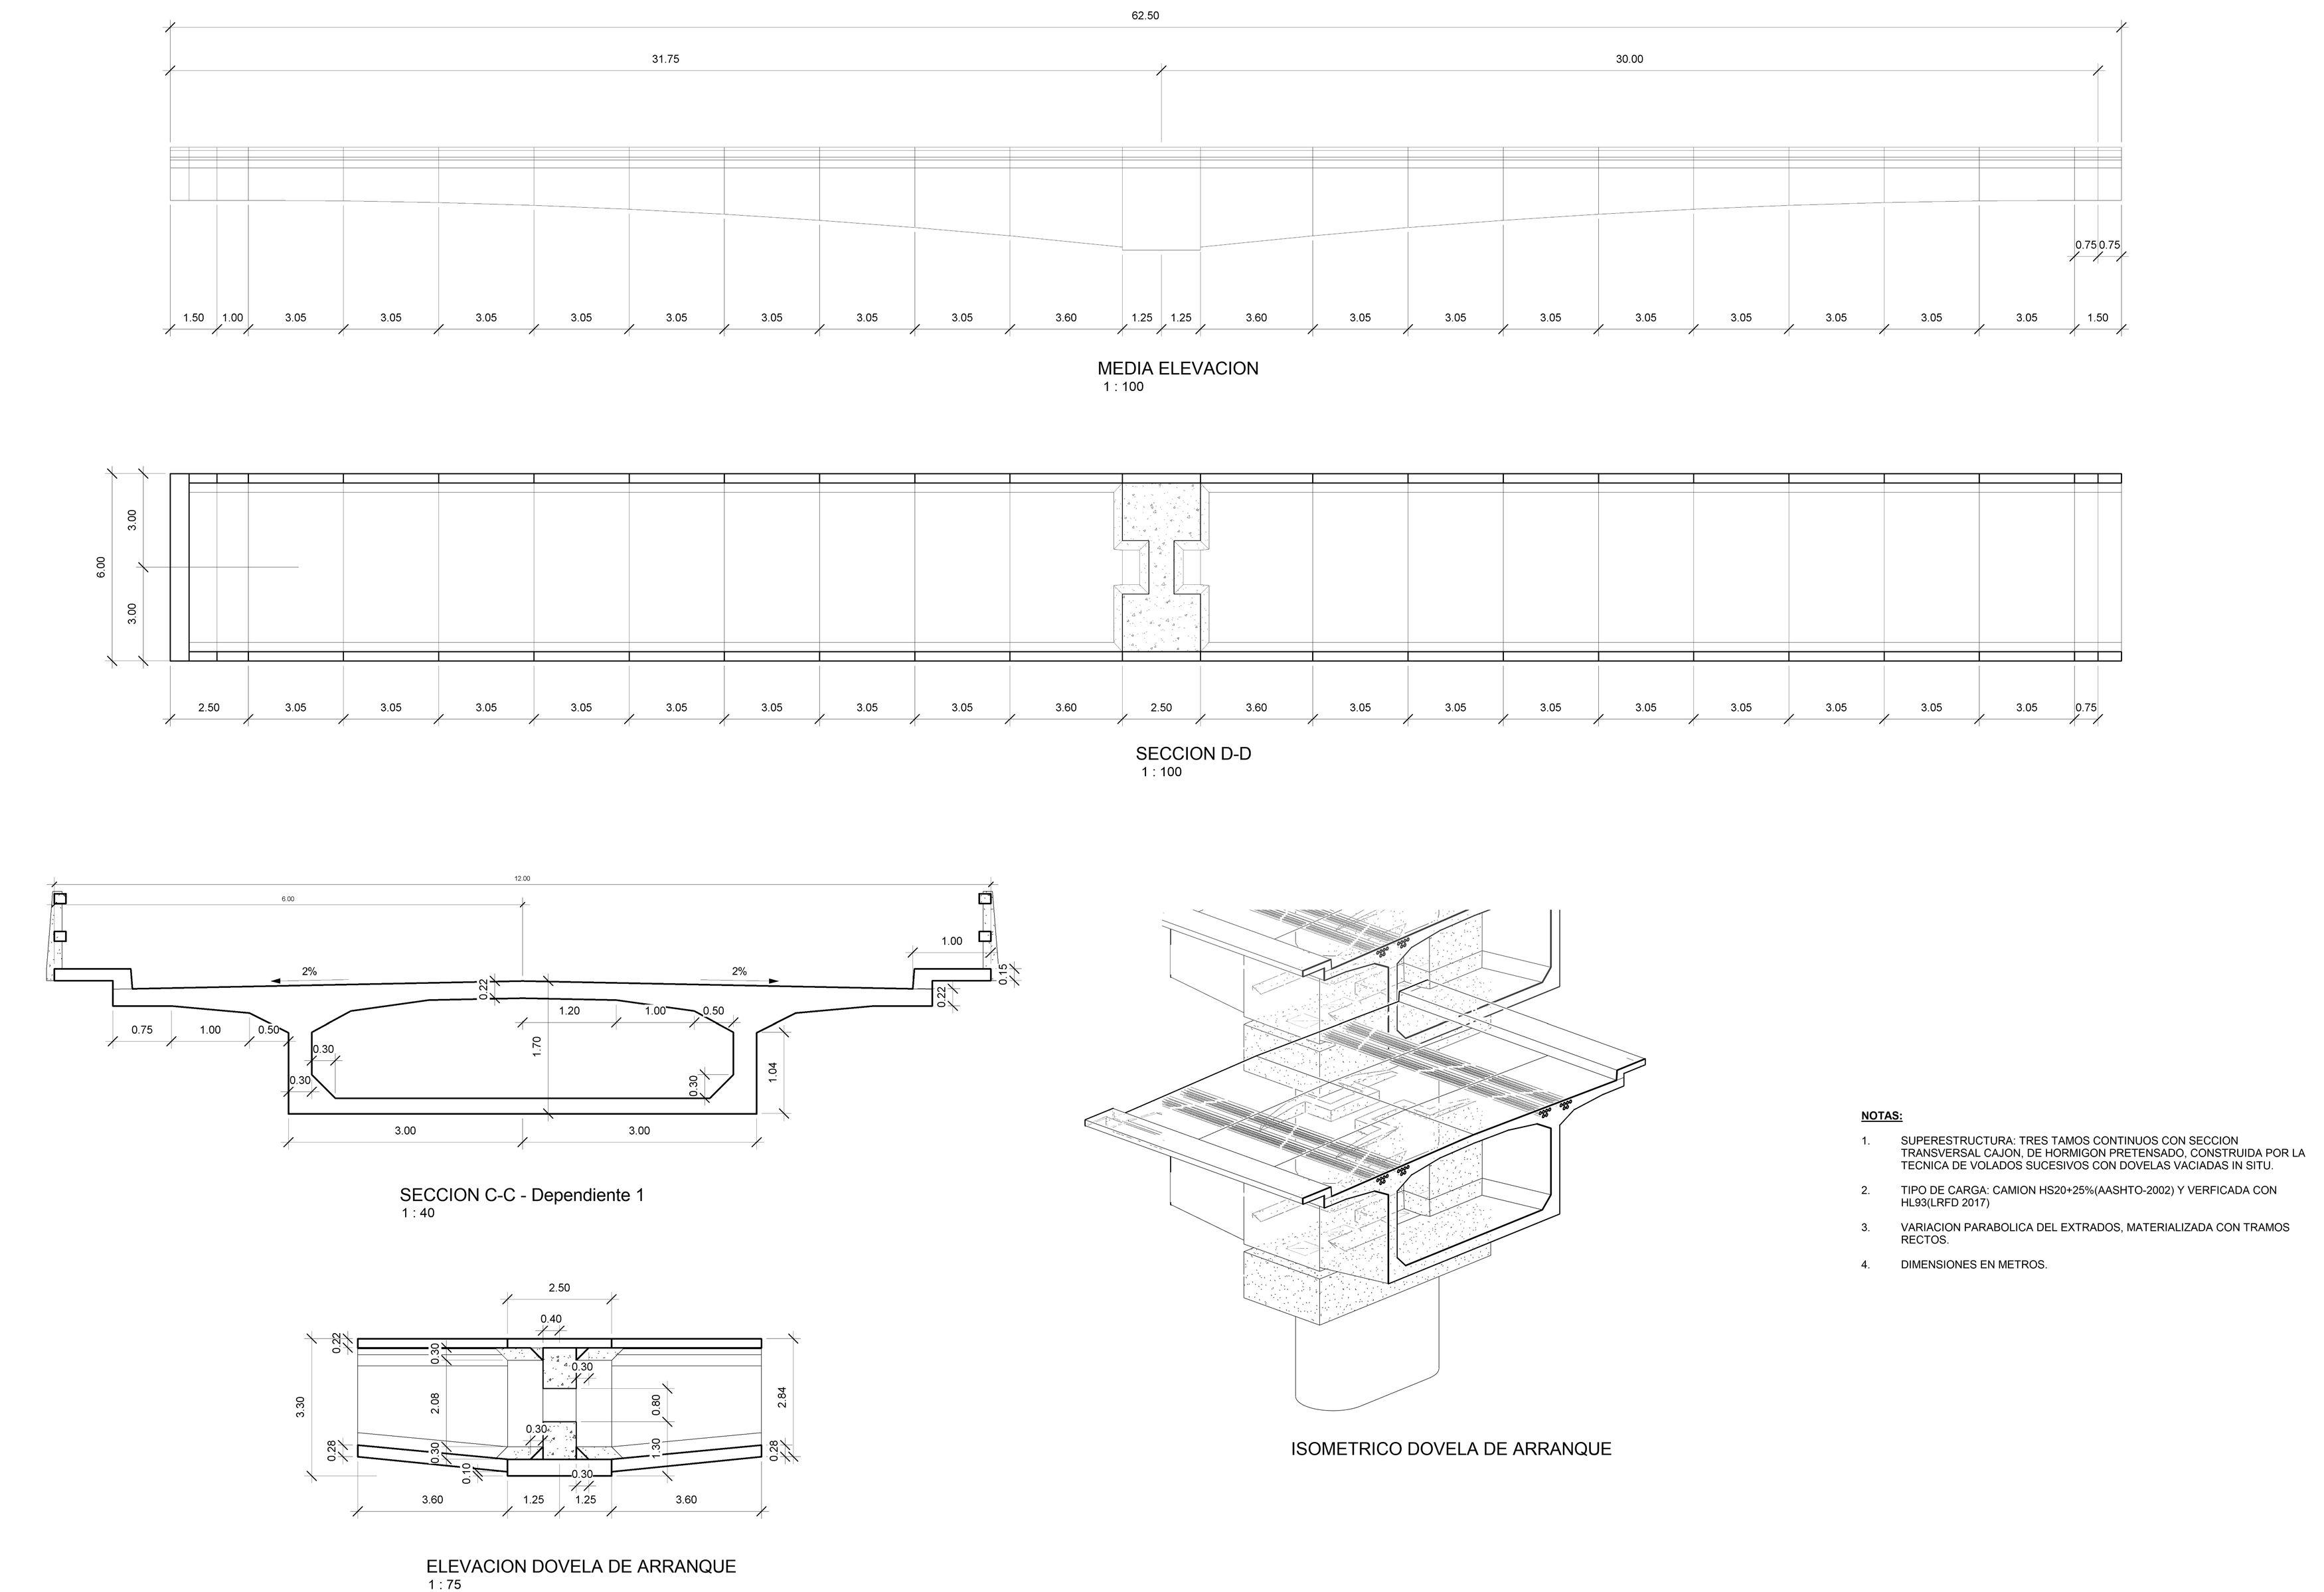 133---modelo-puente-rev30---plano---5---plano-de-dimensiones-3500-3500